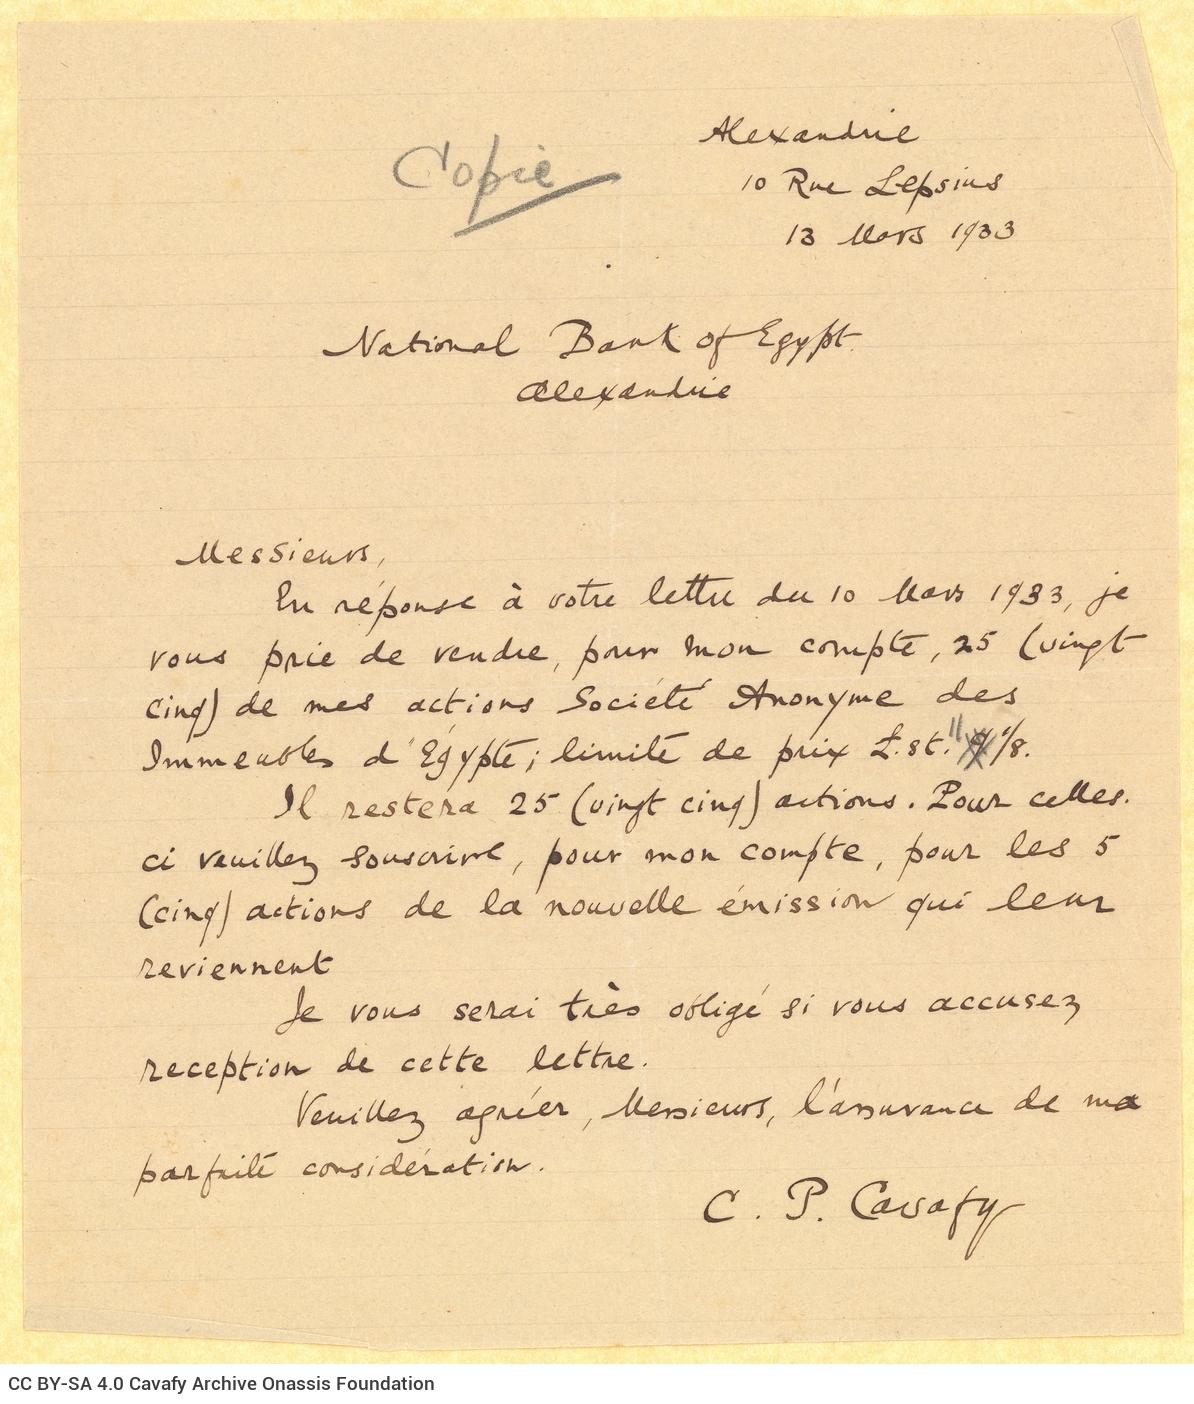 Δύο χειρόγραφα αντίγραφα επιιστολών του Καβάφη προς την Εθνική Τράπ